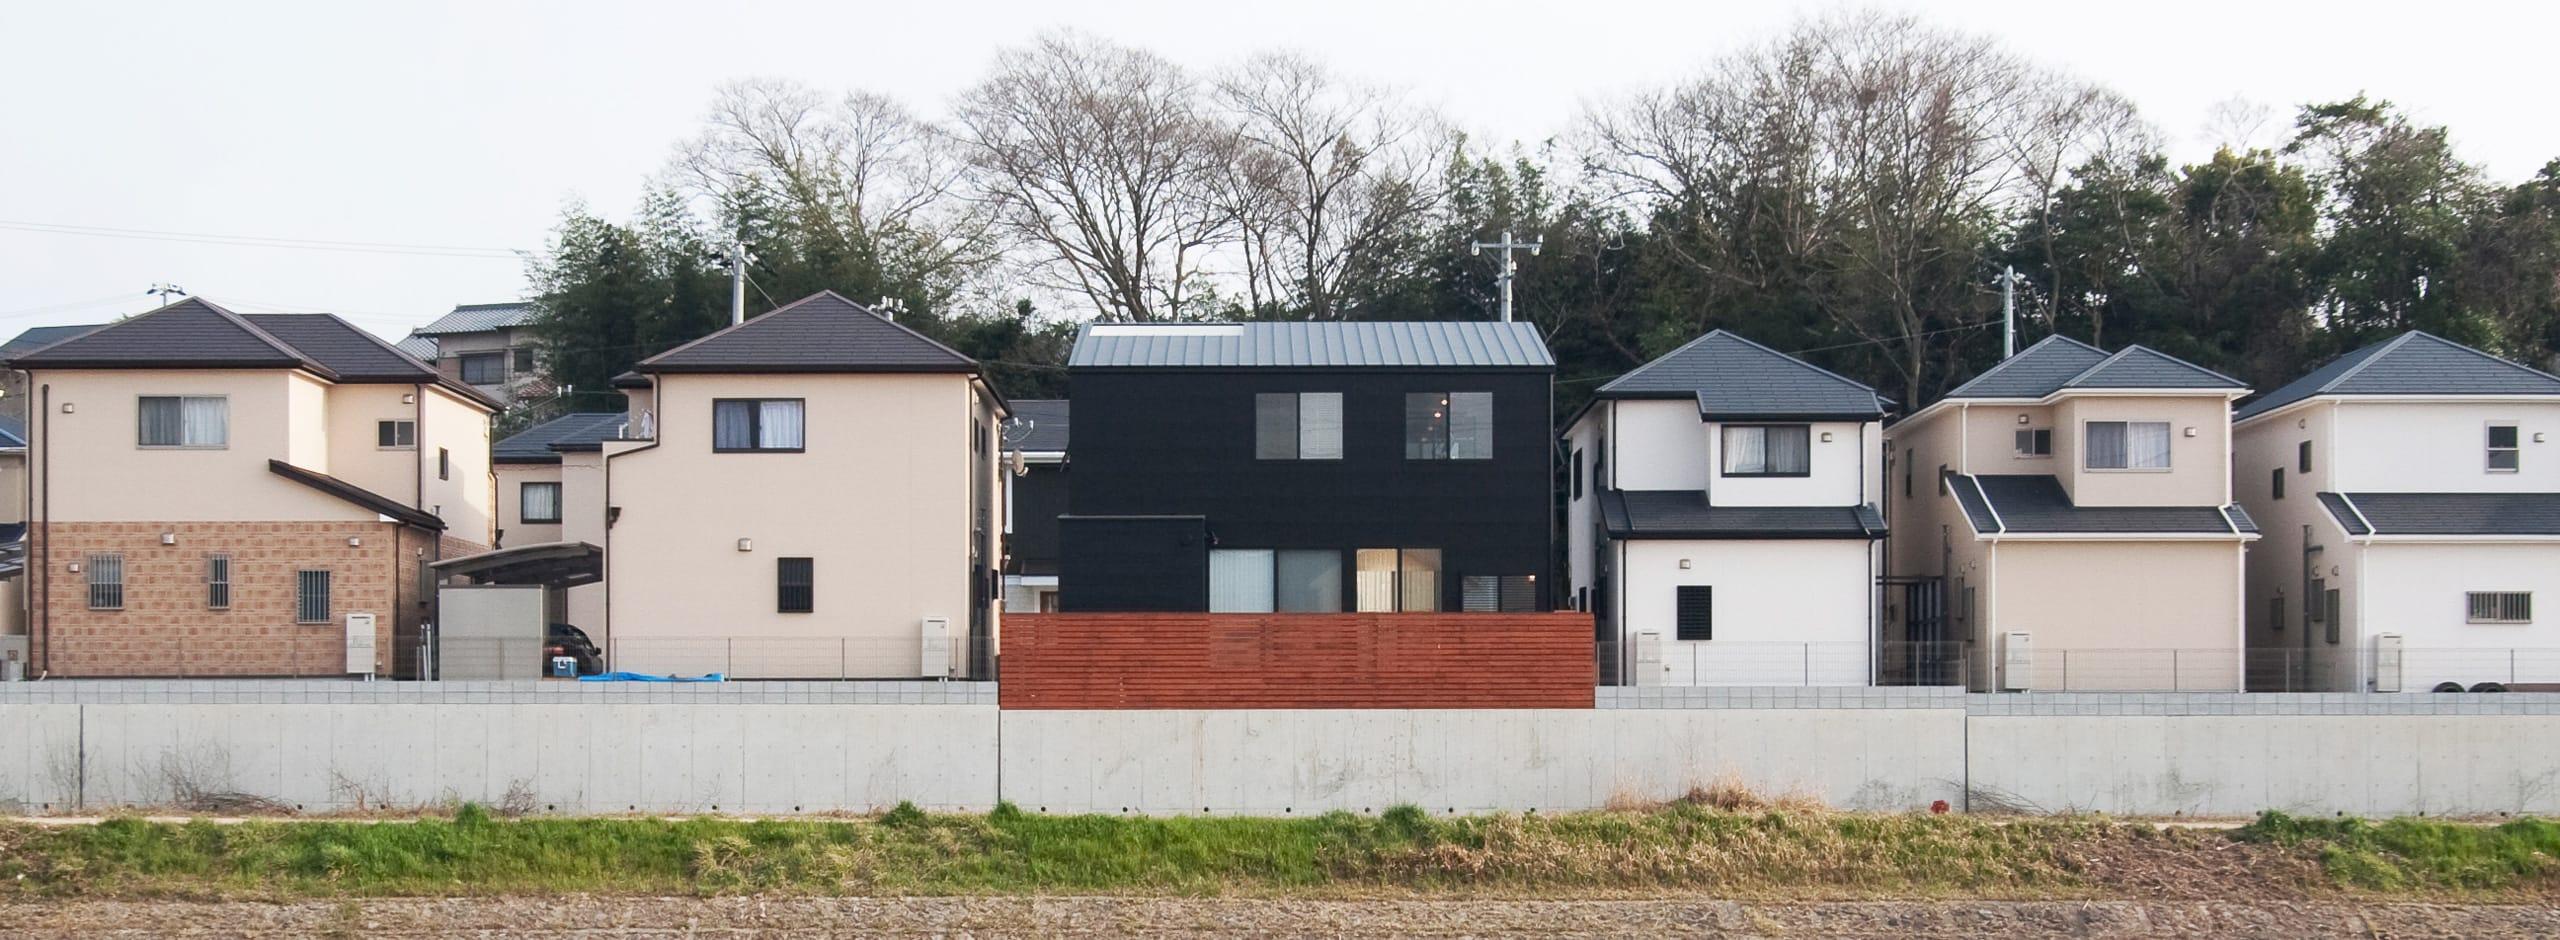 川と緑を眺めるシンプル住宅の外観2